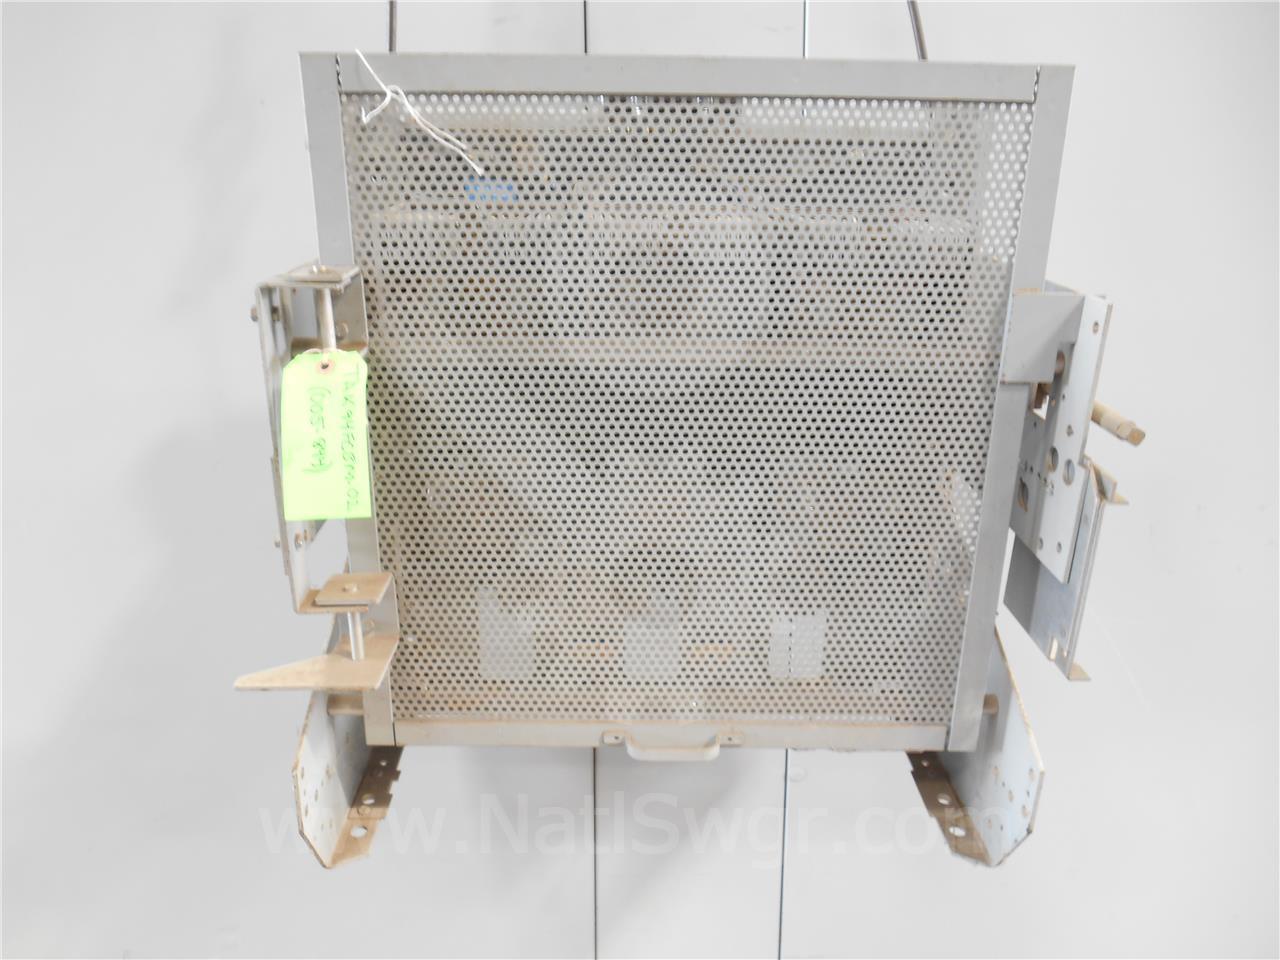 TAK94FCBM 4000A GE / General Electric AKR-100 ROLL OUT FUSE ELEMENT PARTS UNIT